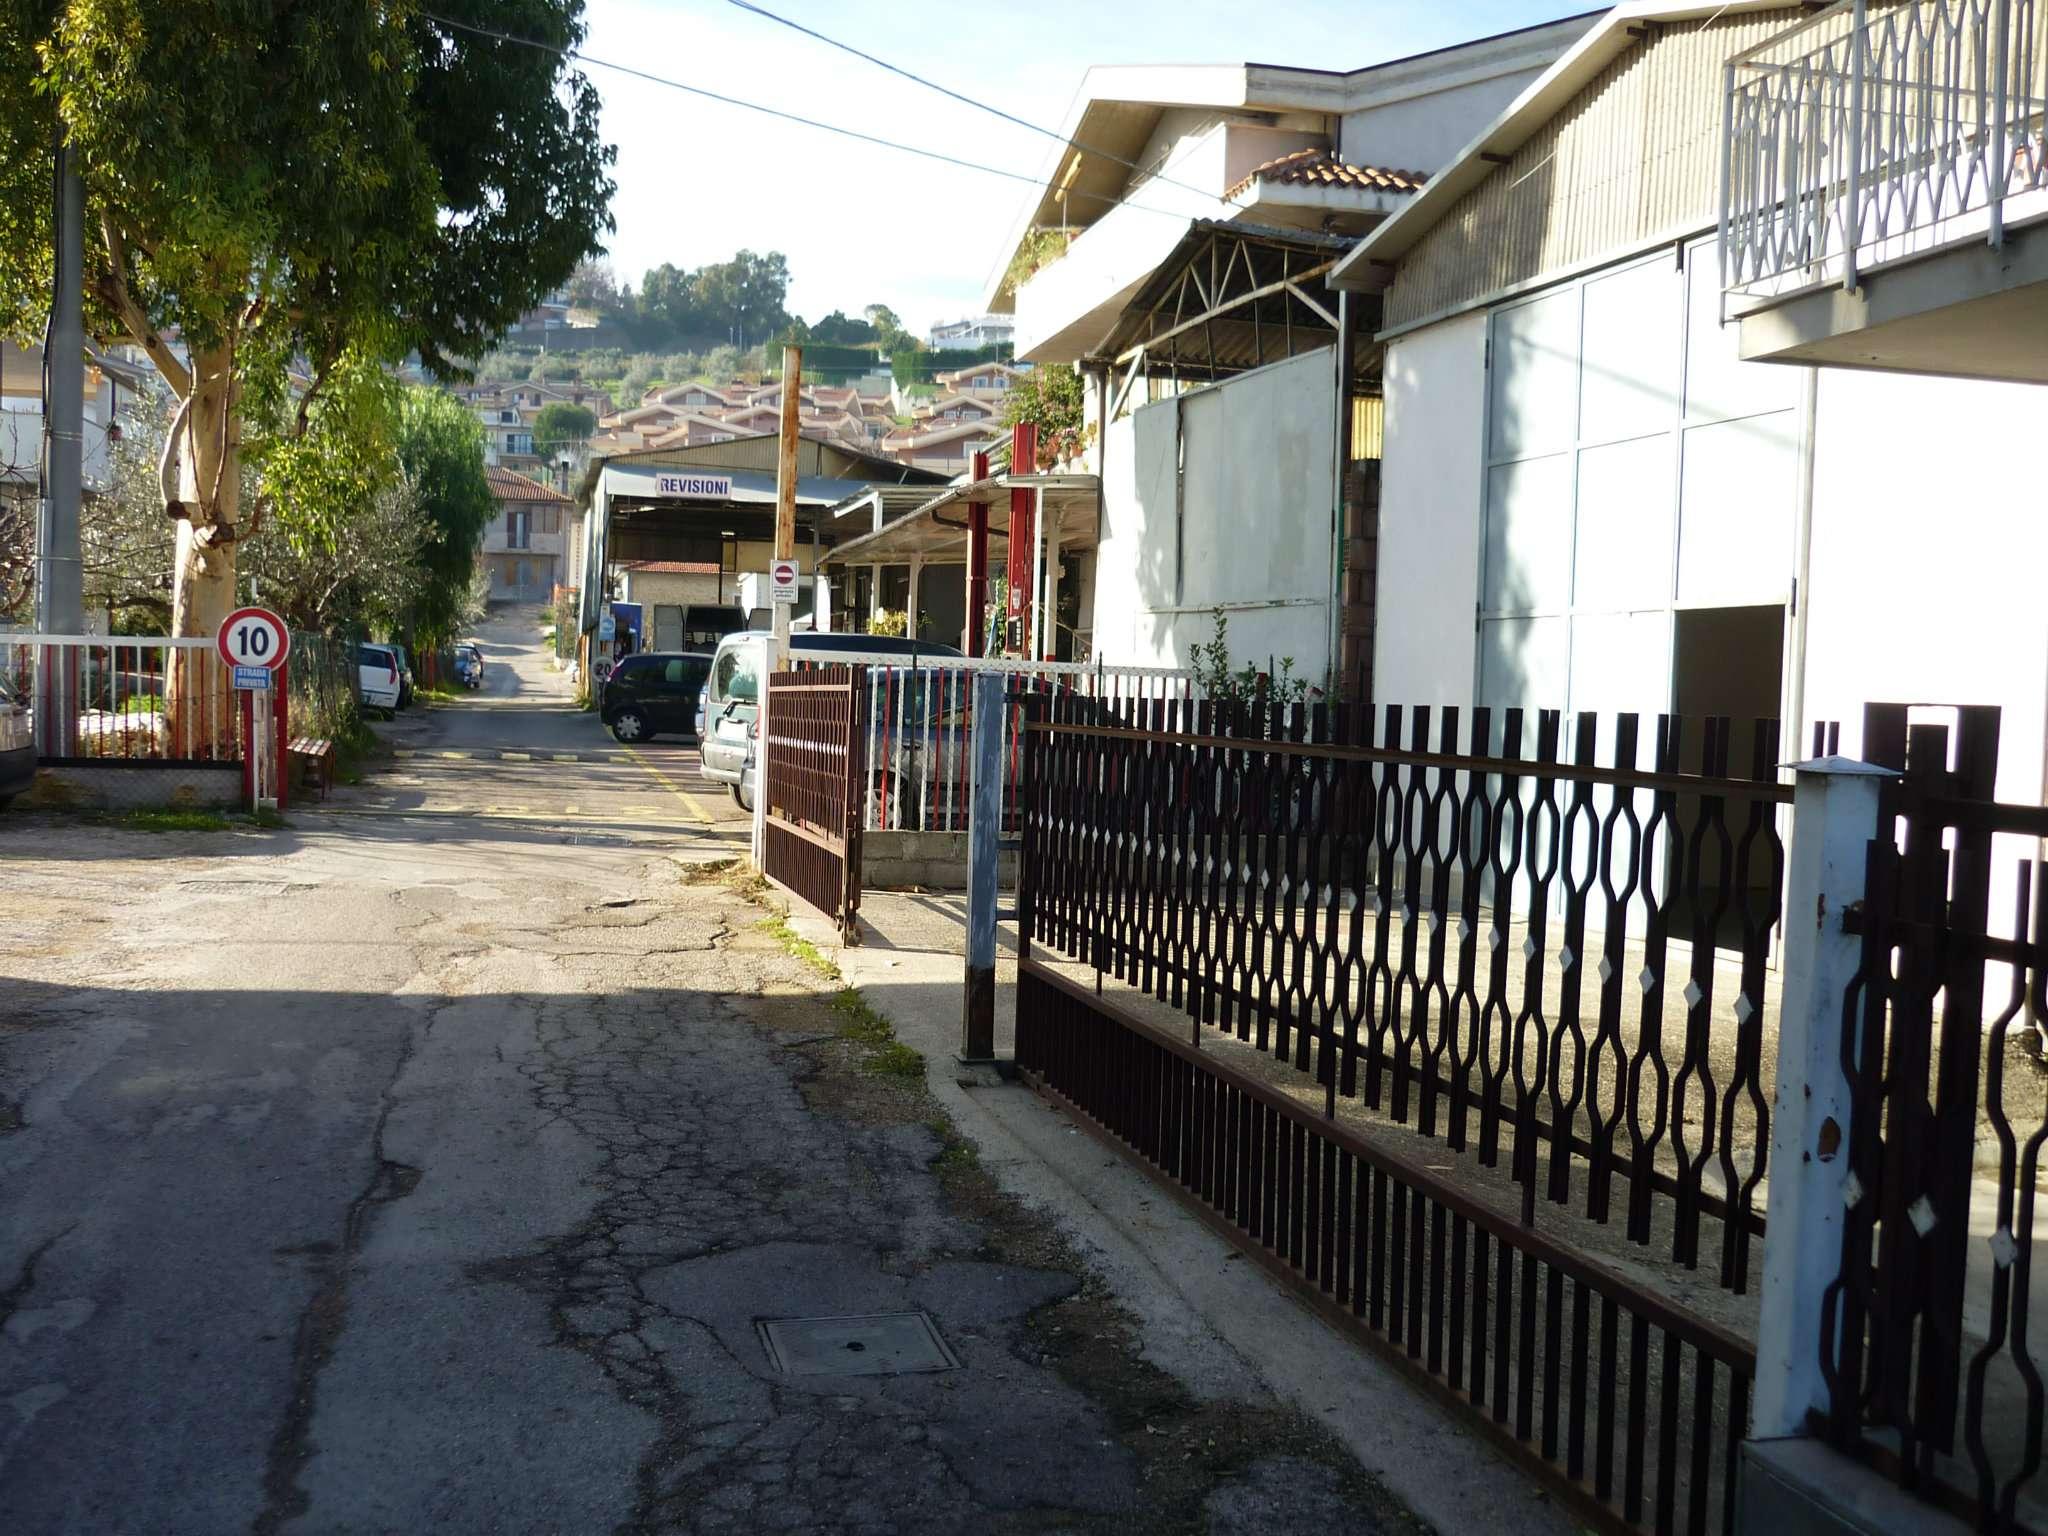 Montesilvano zona Centro Commerciale Oasi, affittasi capannone artigianale sito in Via La  Marmora. Rif. 5007102